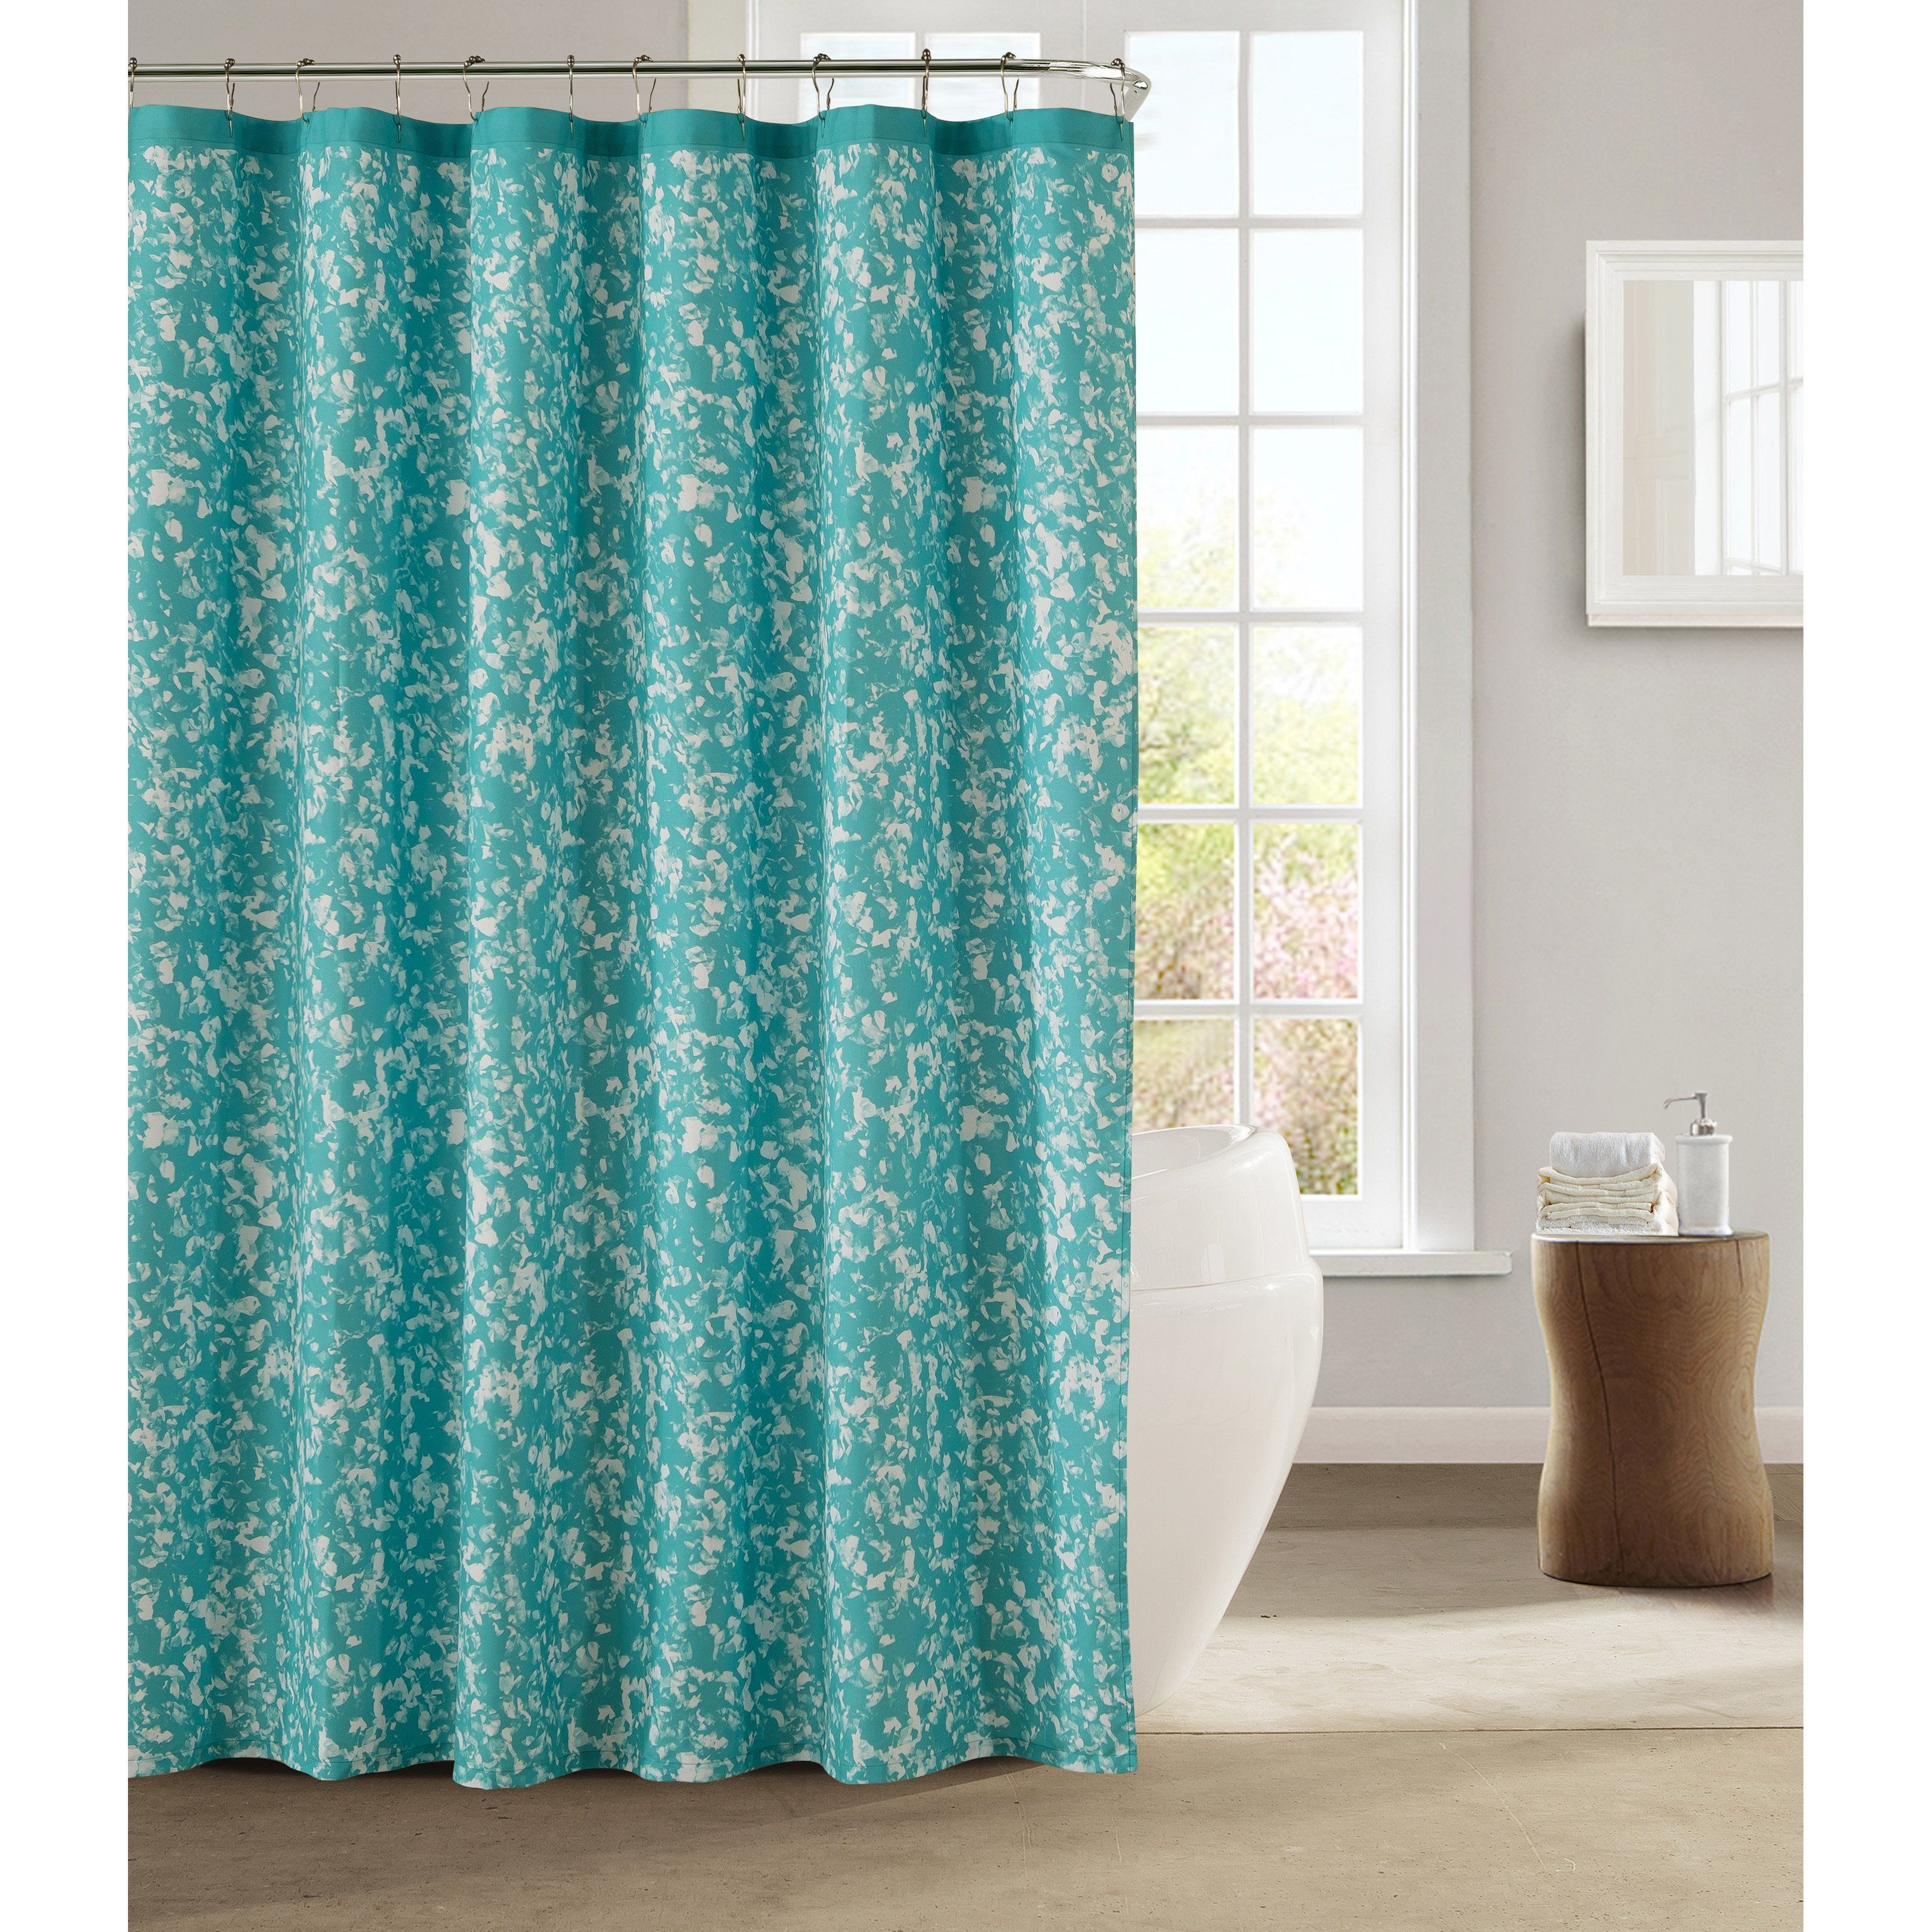 Kensie Susie Satin Microfiber Fabric Shower Curtain Fabric Shower Curtains Shower Curtain Sets Curtains